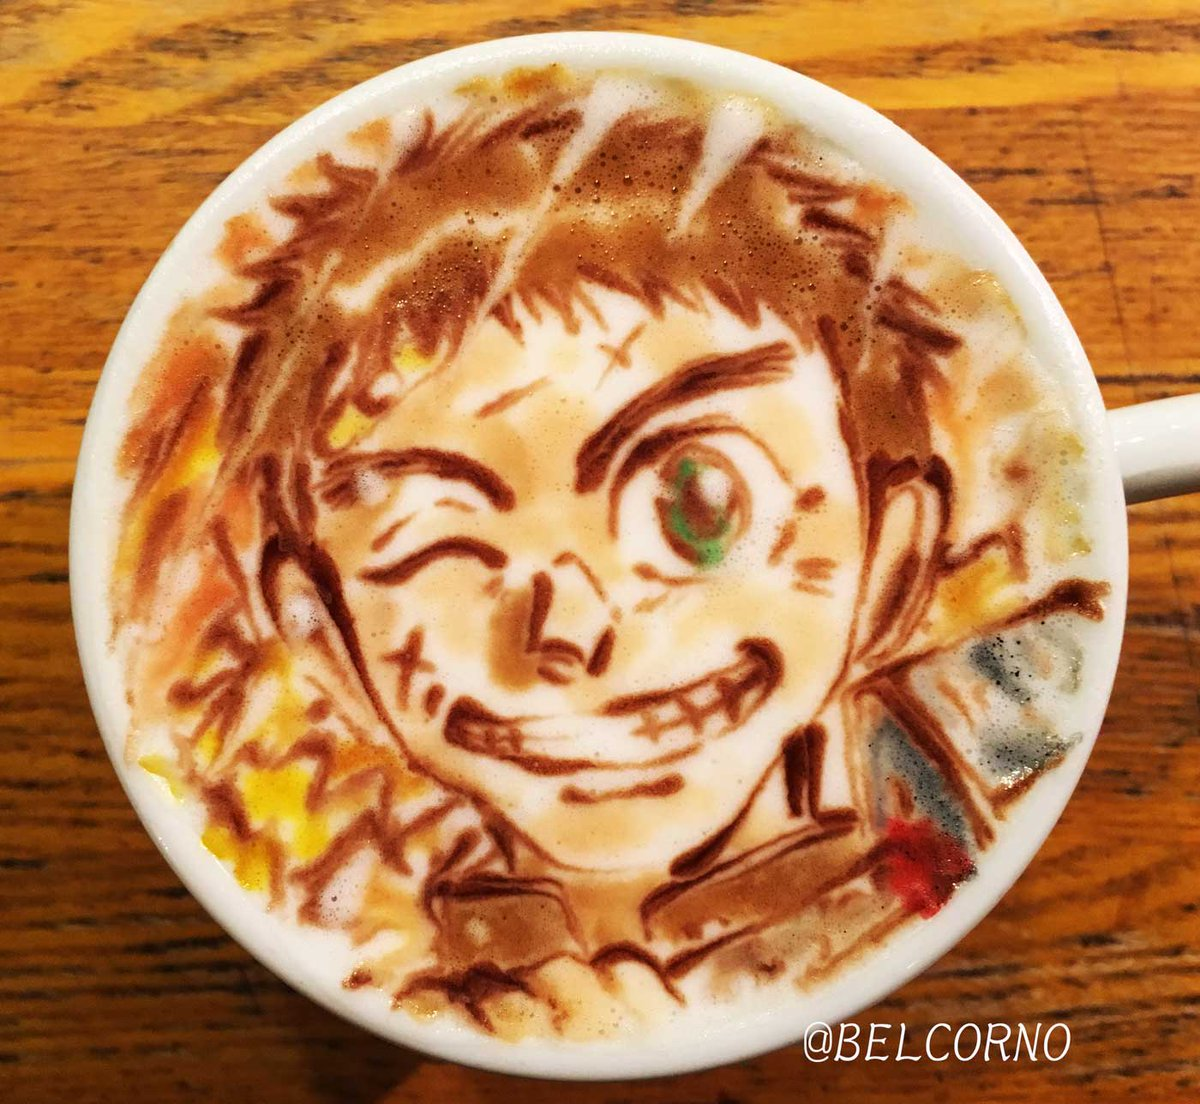 素晴らしいアートをありがとうございましたー! RT : ラテアート【蒼月潮】@うしおととらアニメお疲れ様でした!#うしお